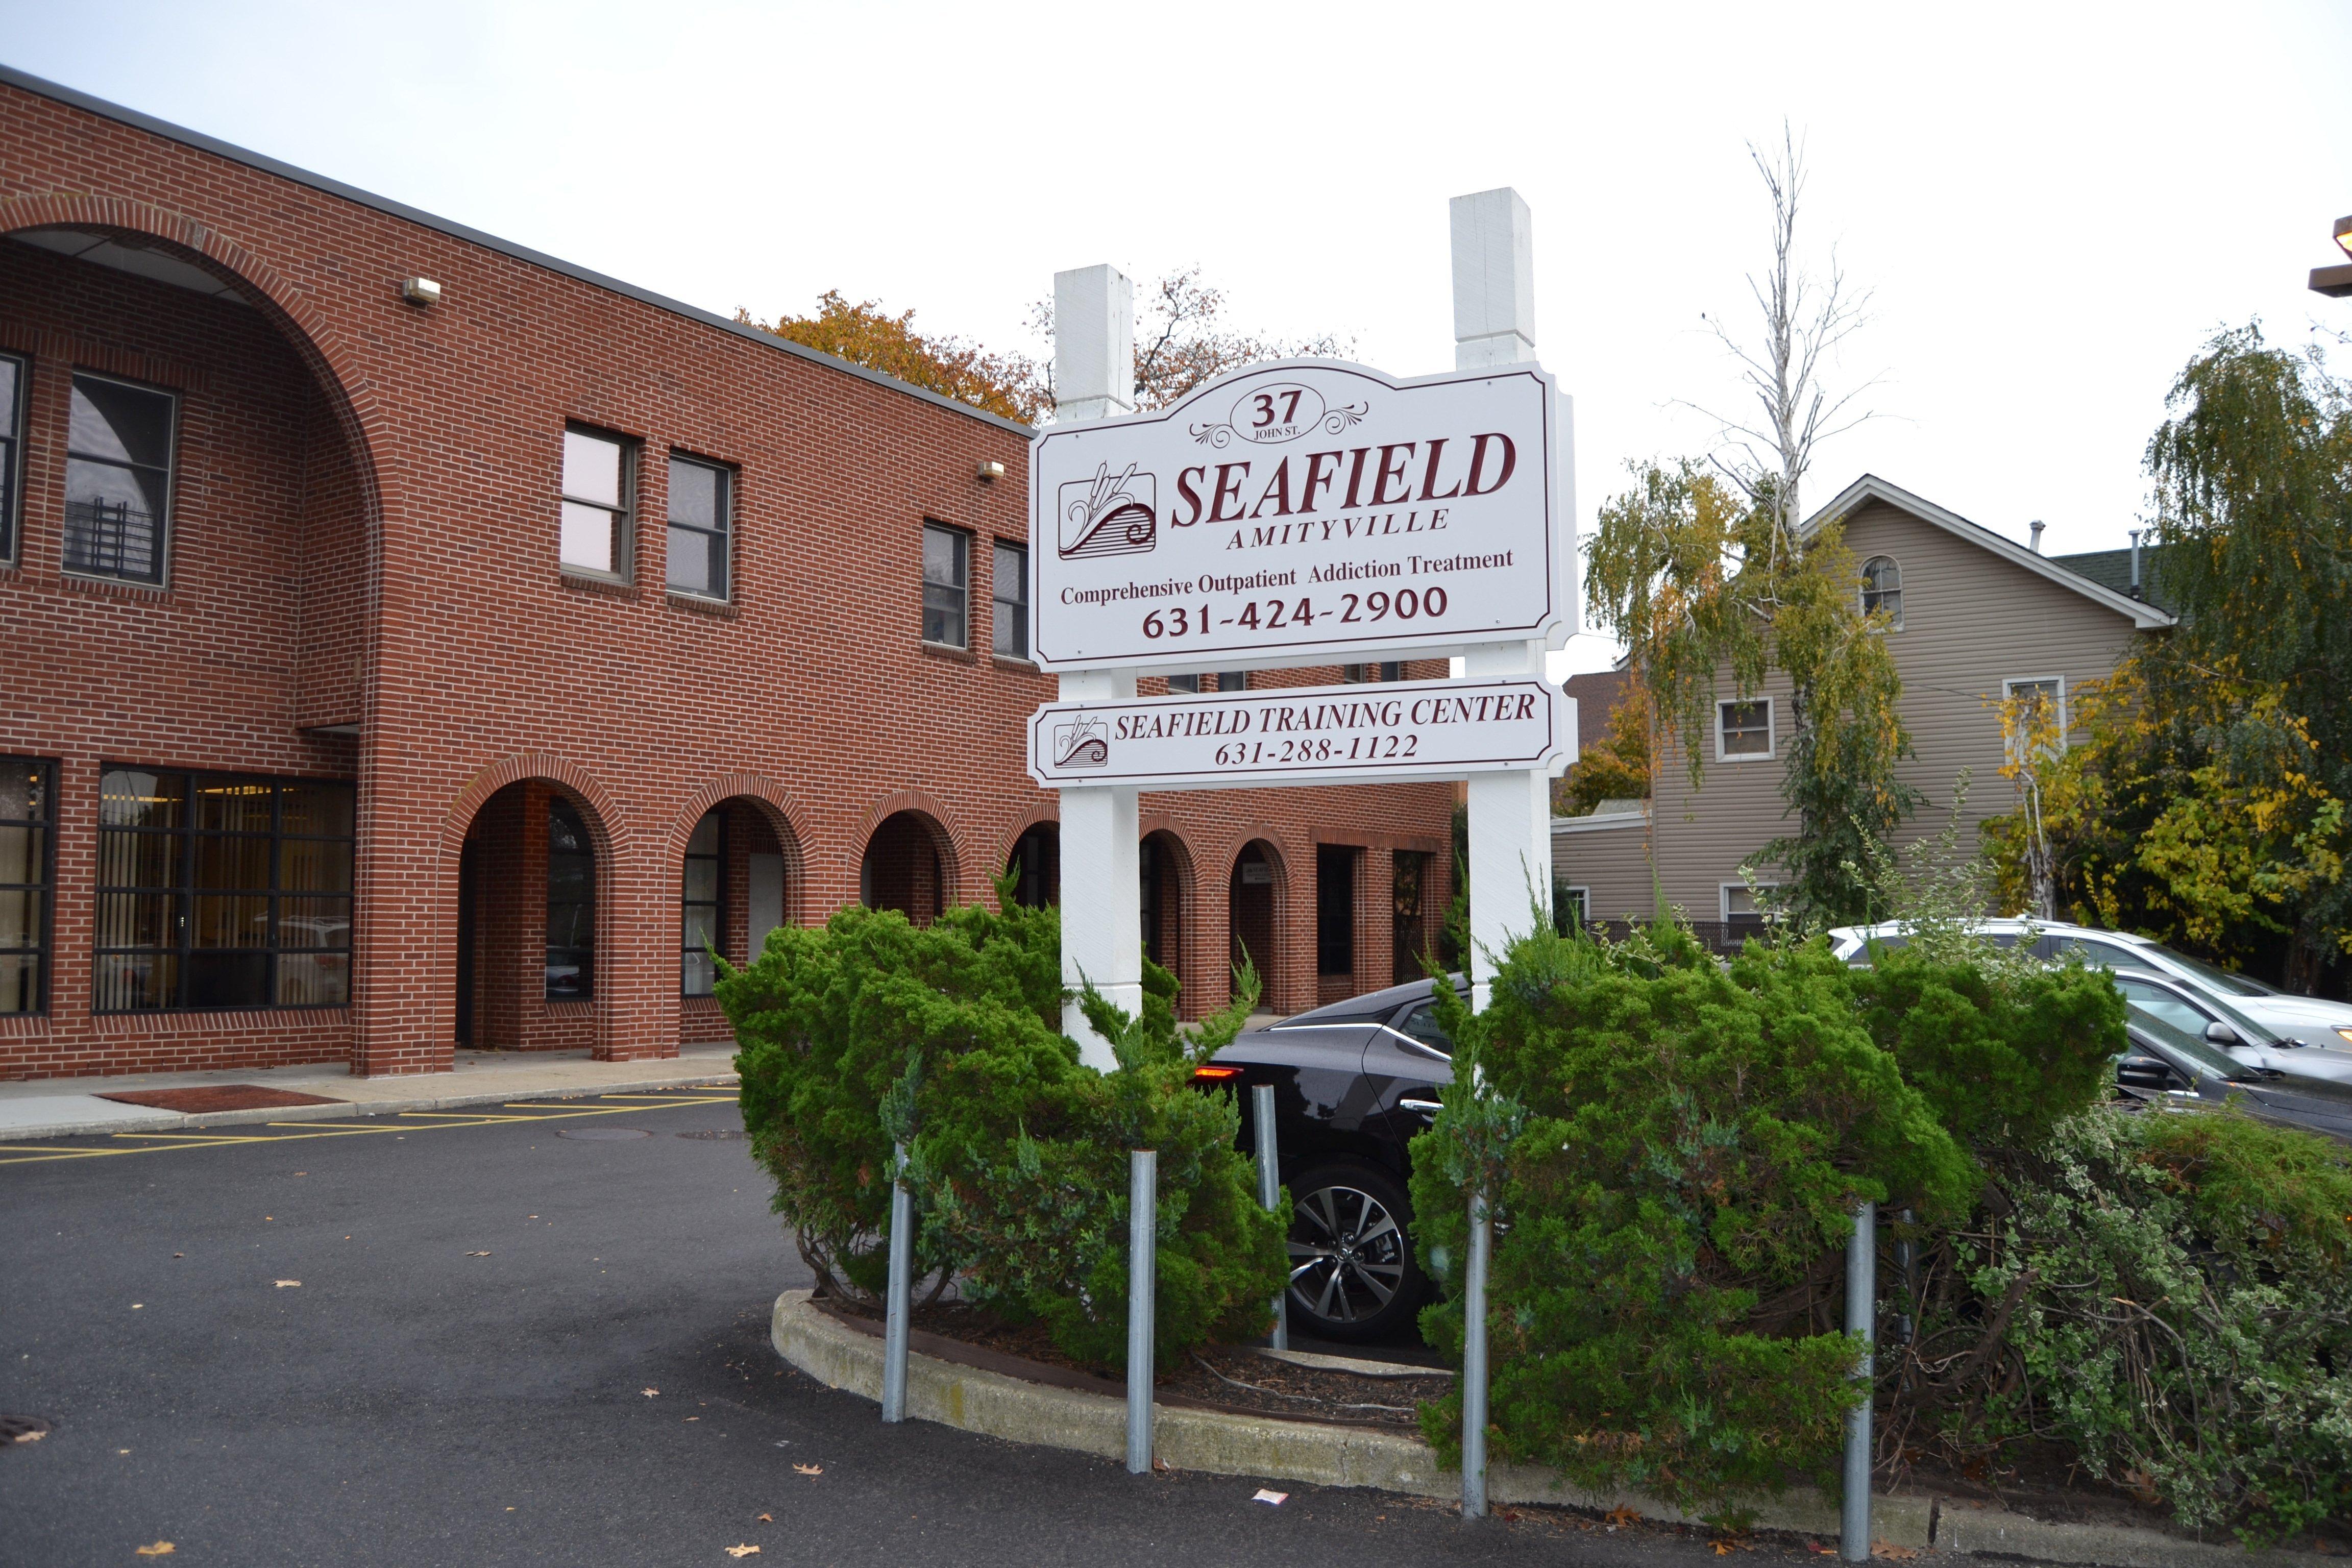 exterior of Seafield rehab facility - Amityville NY